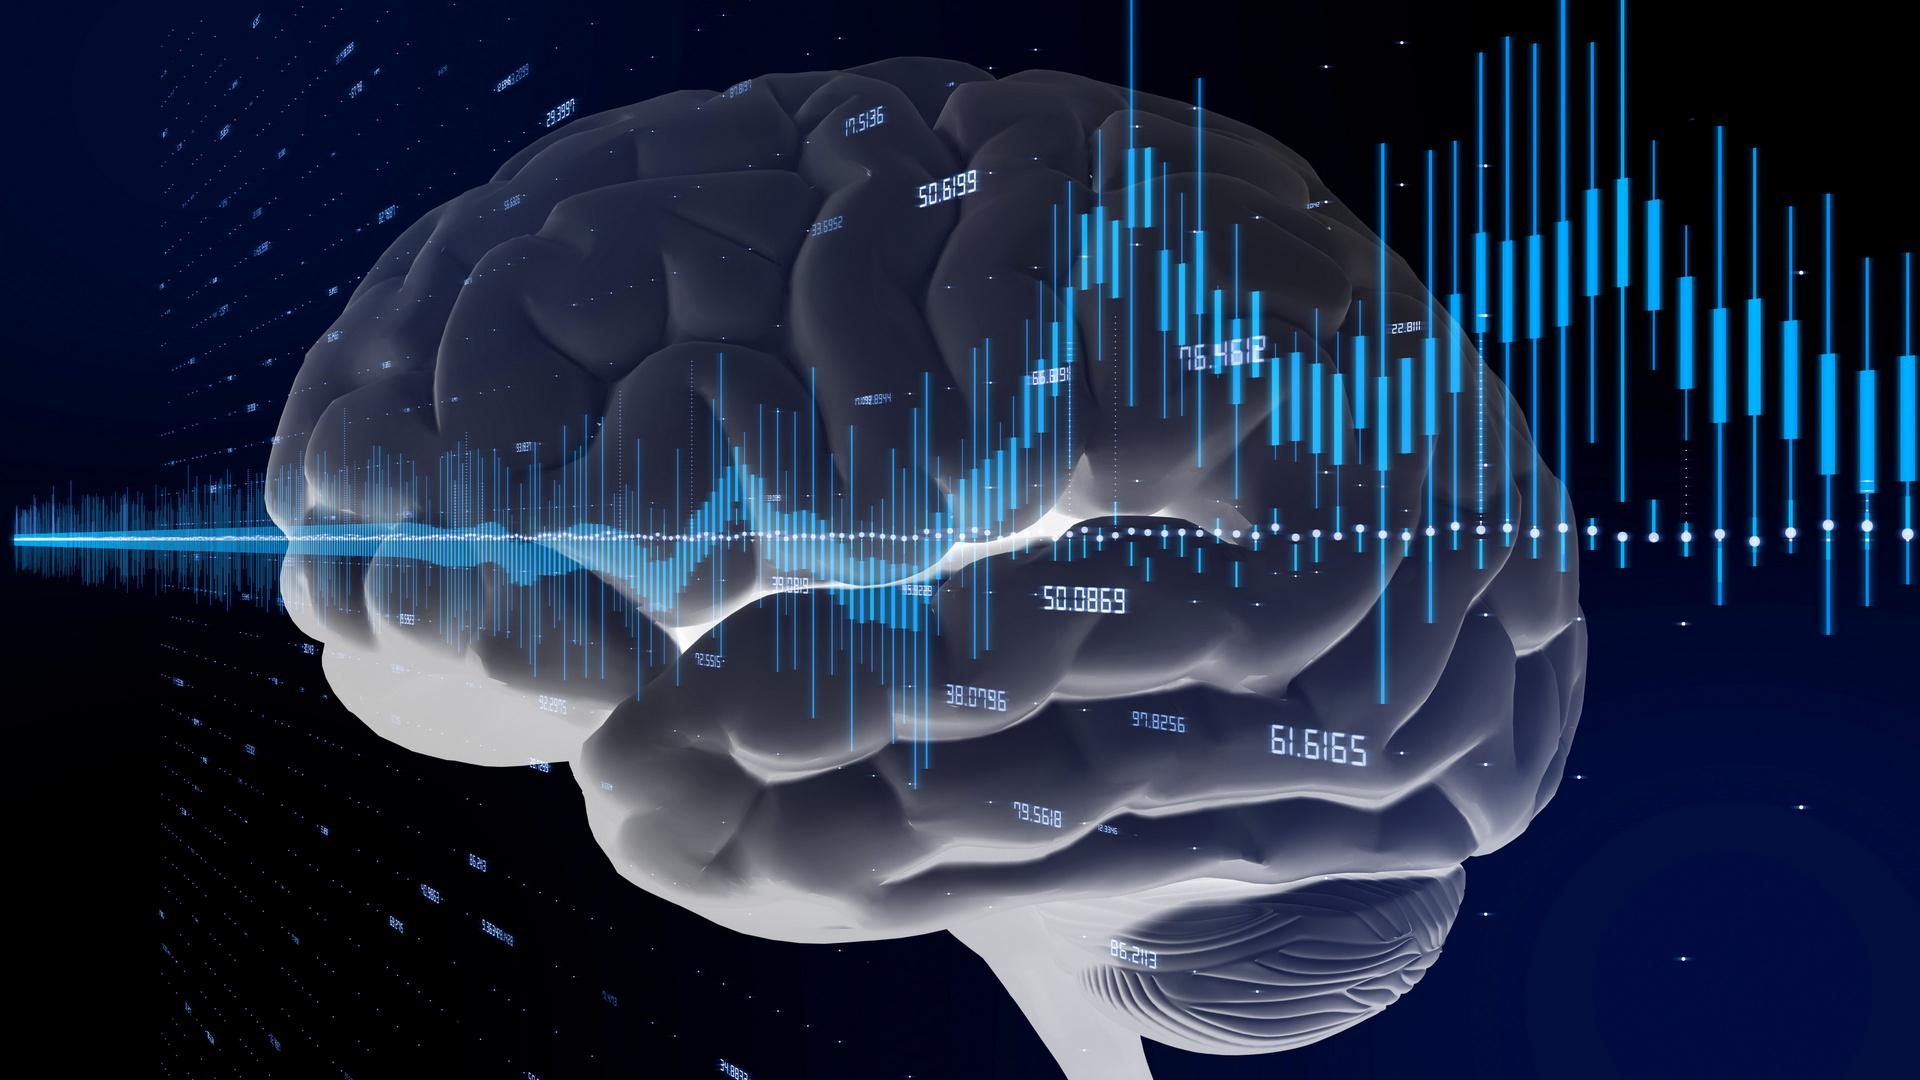 Gehirn EEG Kuenstliche Intelligenz KI PainQX Start-Up Schmerzevaluierung